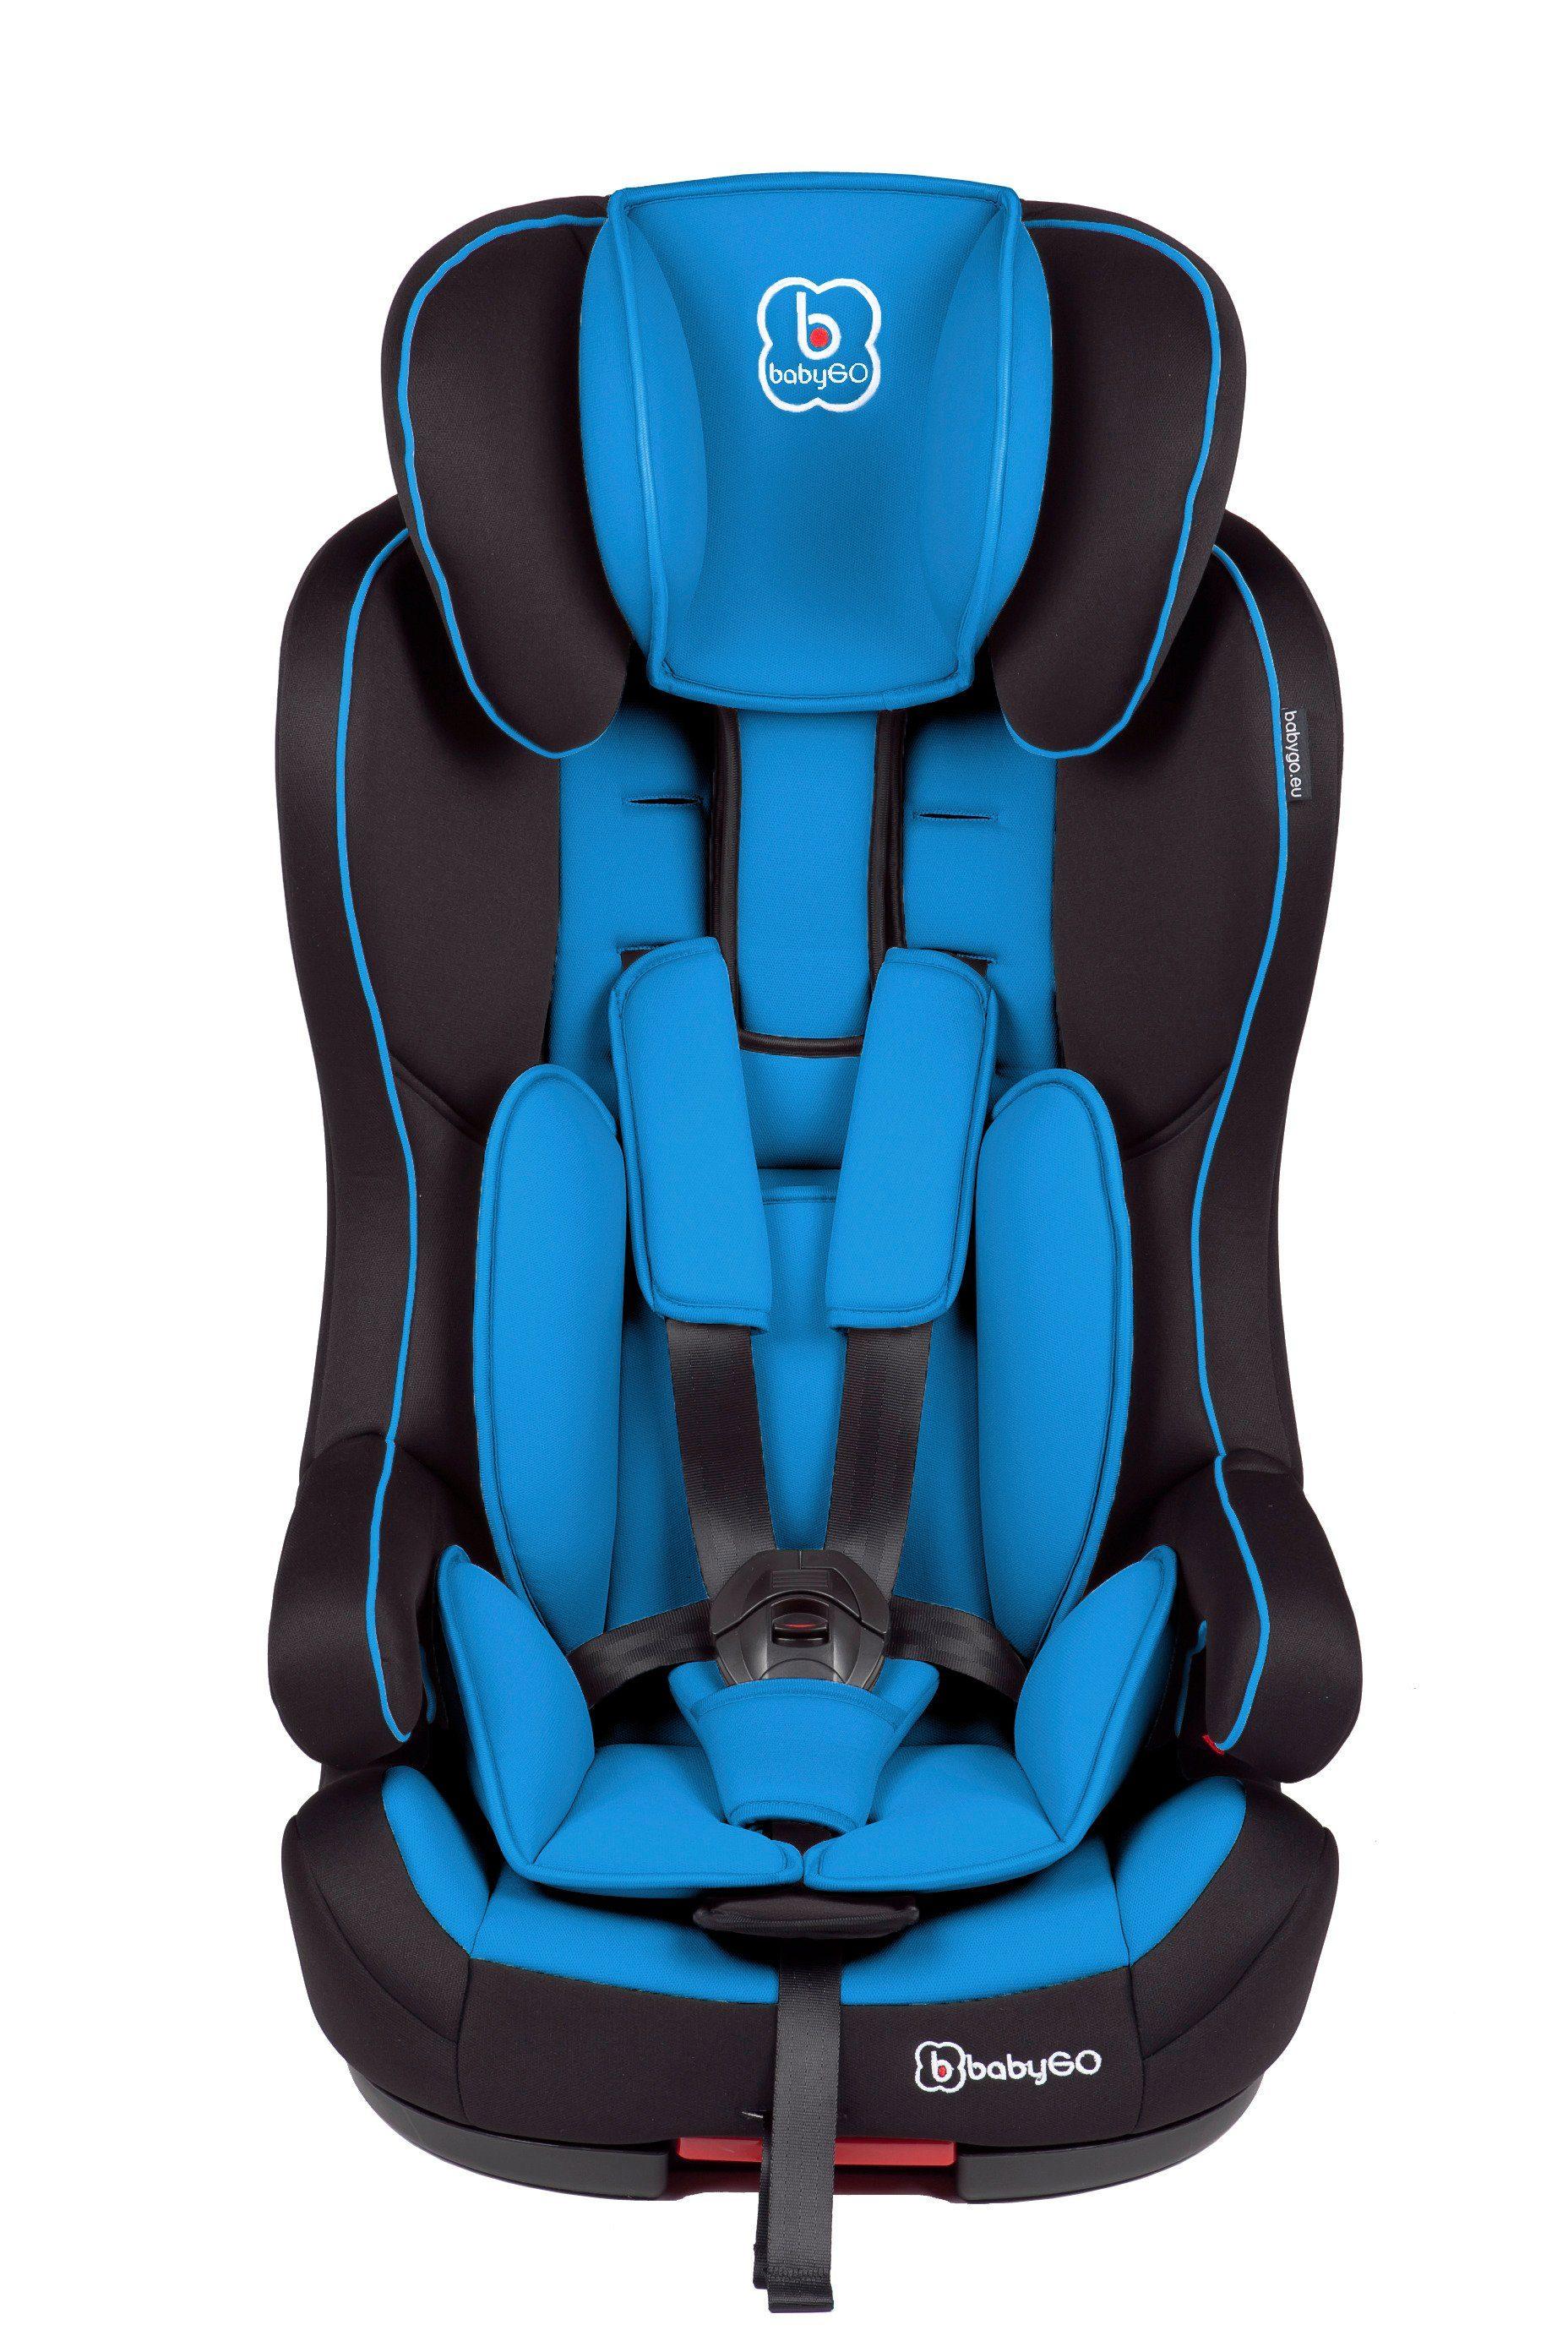 BABYGO Kindersitz »Iso blue«, 9 - 36 kg, Isofix